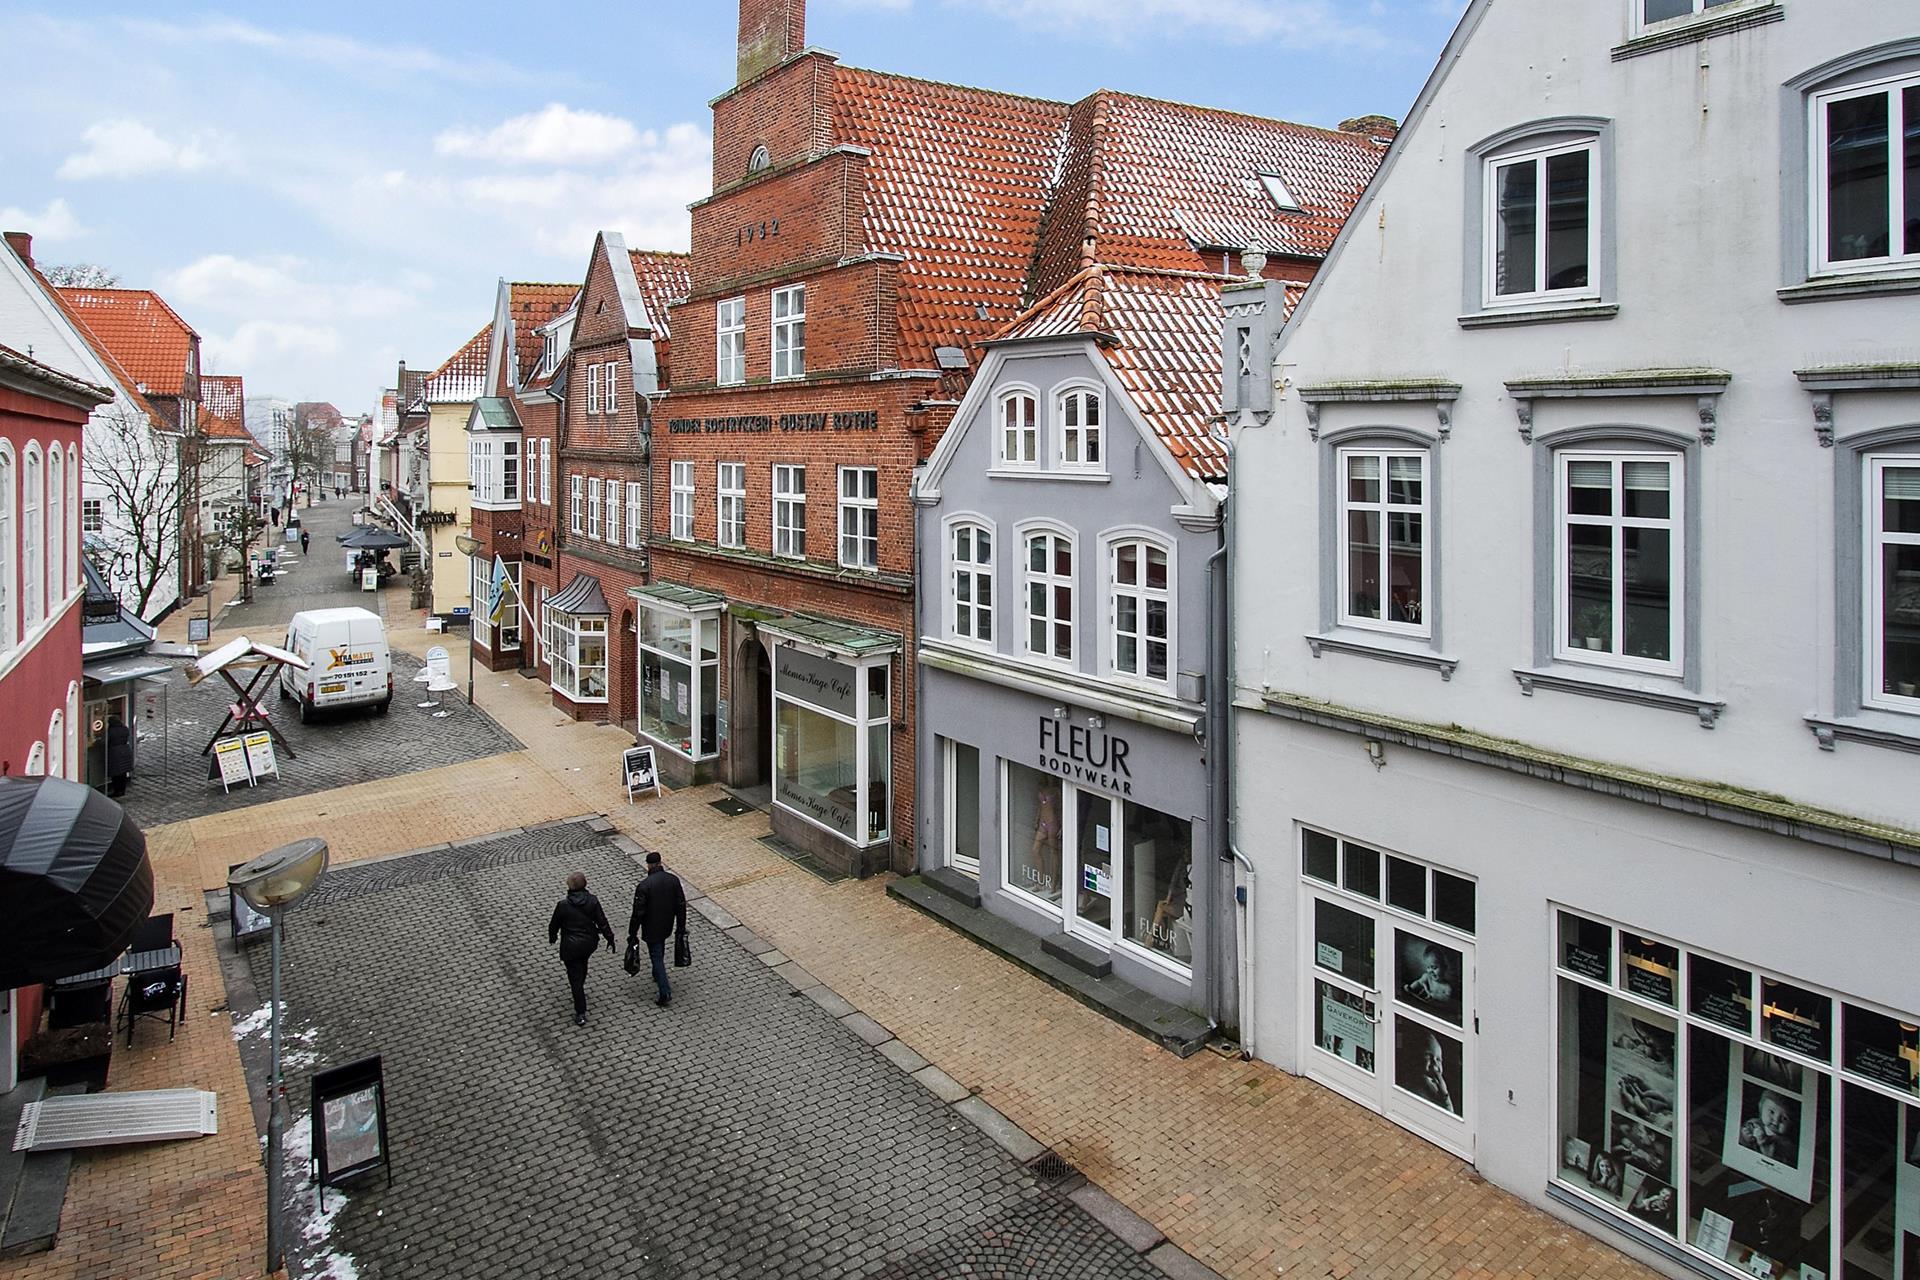 Bolig/erhverv på Storegade i Tønder - Facade